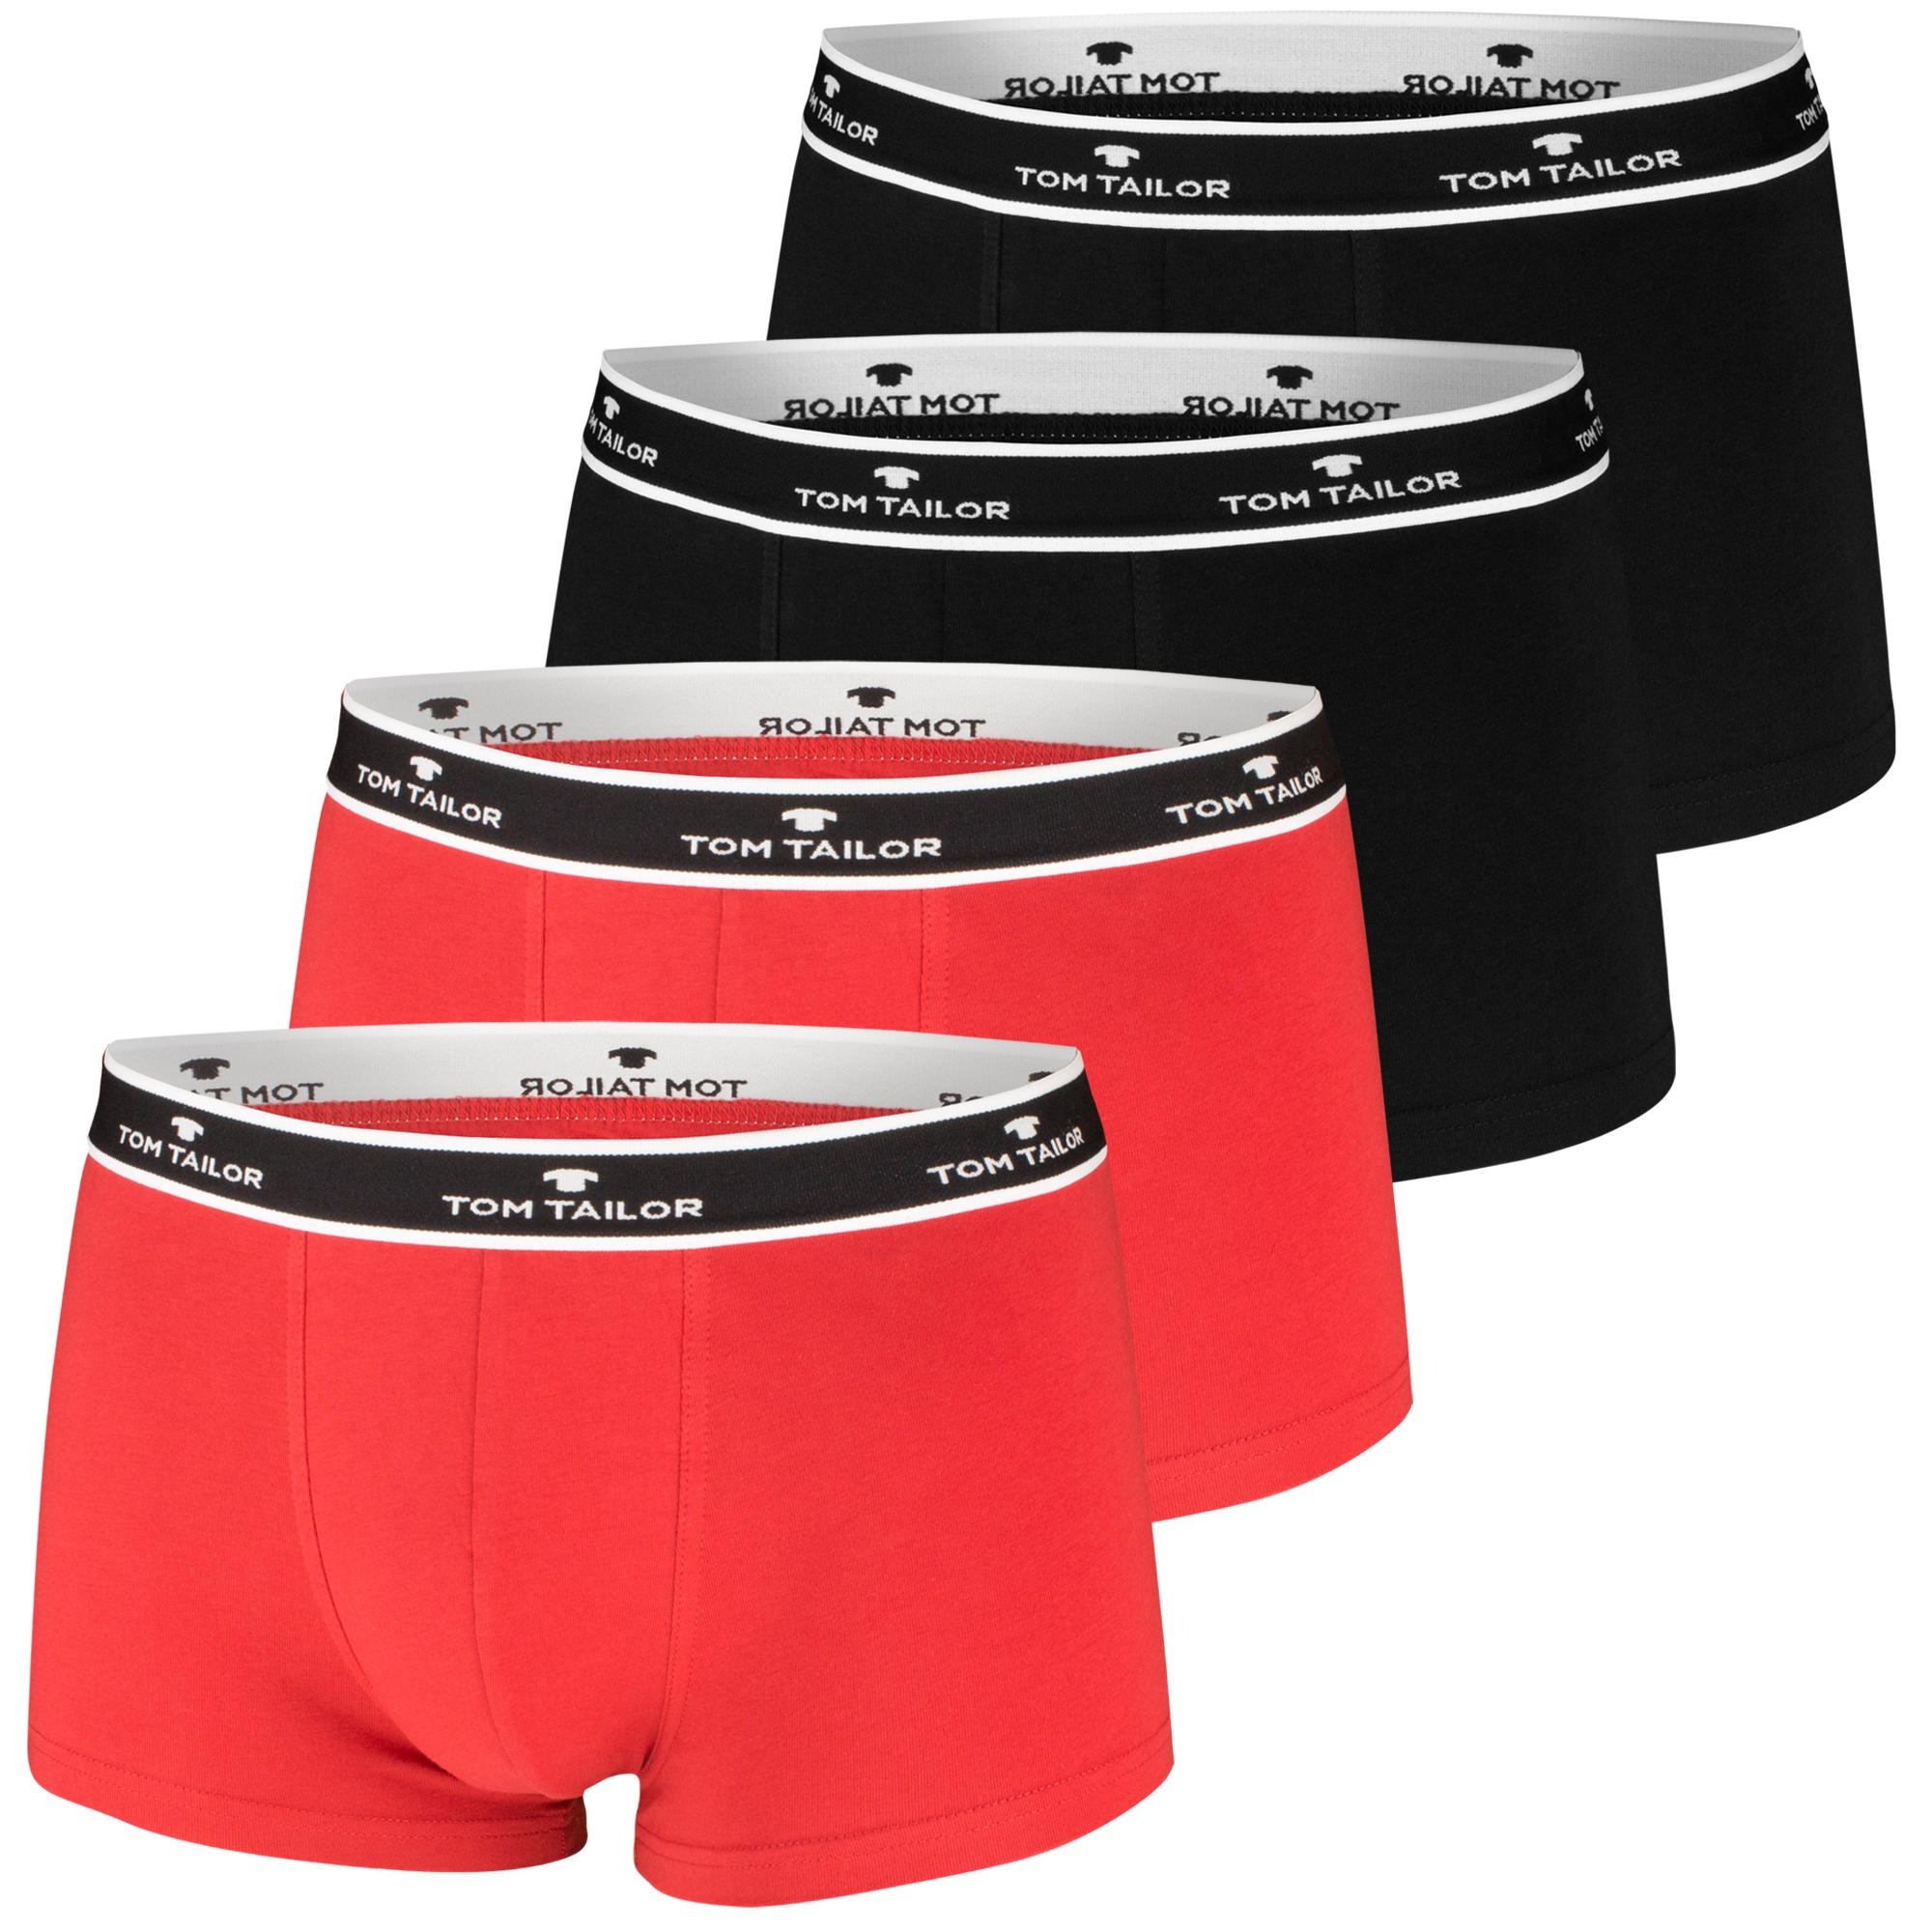 Tom Tailor Boxershorts, 4 Stück, viele Farben – Bild 4